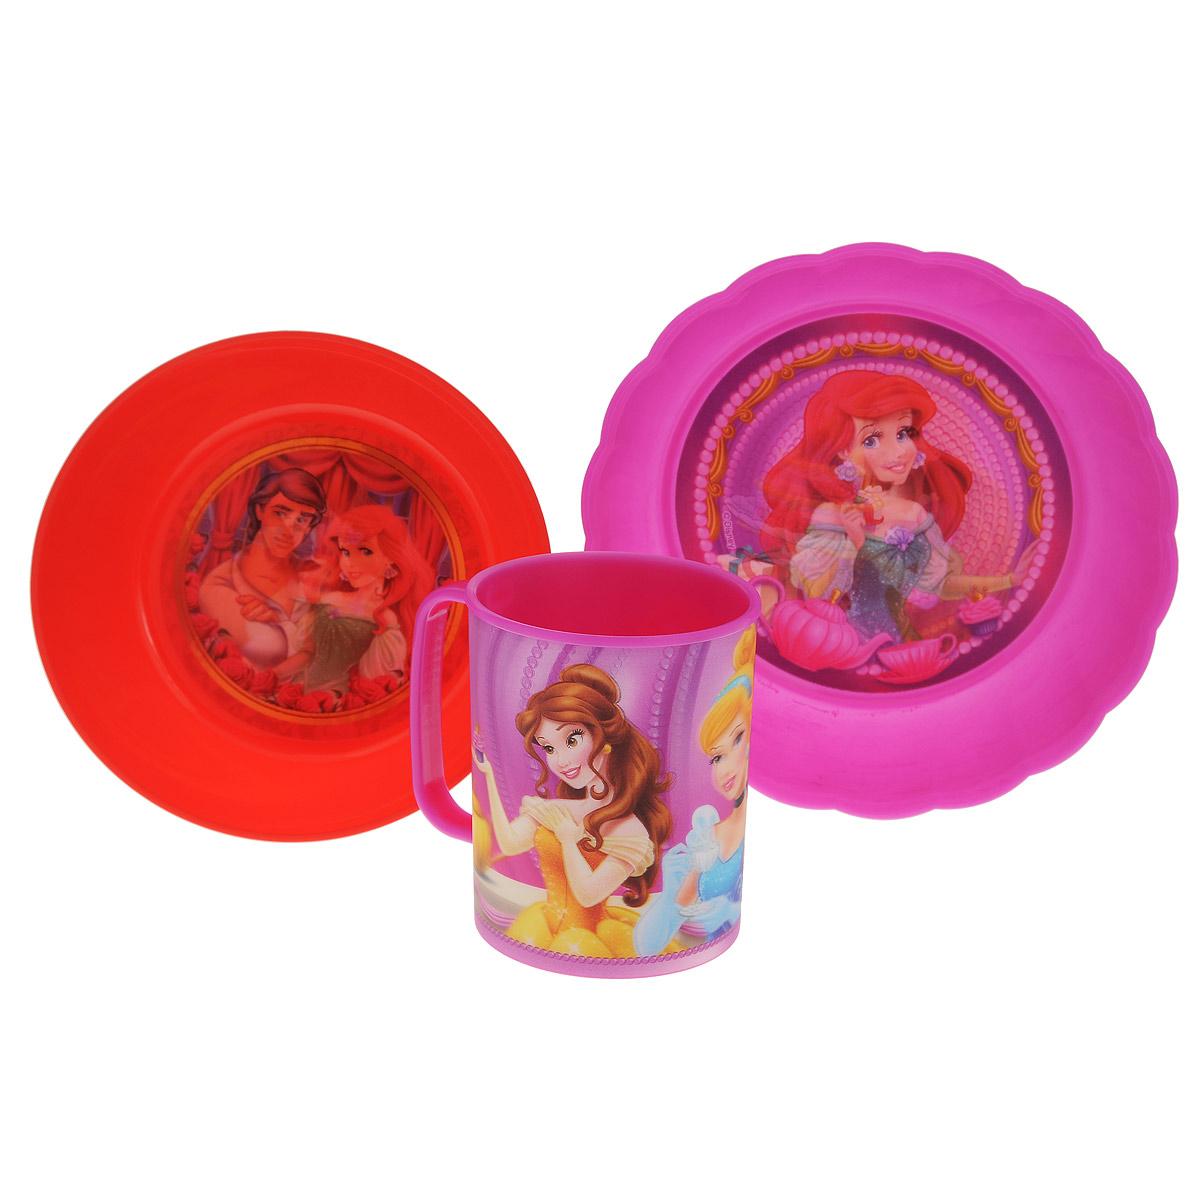 """Набор детской посуды Disney """"Принцессы. Праздник"""" состоит из кружки, салатника и тарелки. Посуда, выполненная из пищевого пластика, оформлена изображениями принцесс популярных мультфильмов. Рисунки находятся под слоем прозрачного структурного пластика (линзы), создающего эффект объемного изображения, как в 3D кино, и исключающего попадание краски в жидкость. Небьющаяся посуда, красивая, легкая и удобная в уходе, прекрасно выдерживает горячую пищу. Ваш малыш с удовольствием будет кушать вместе с любимыми героями. Объем кружки: 325 мл. Диаметр салатника: 15 см. Высота салатника: 5 см. Диаметр тарелки: 18 см. Высота тарелки: 4 см."""